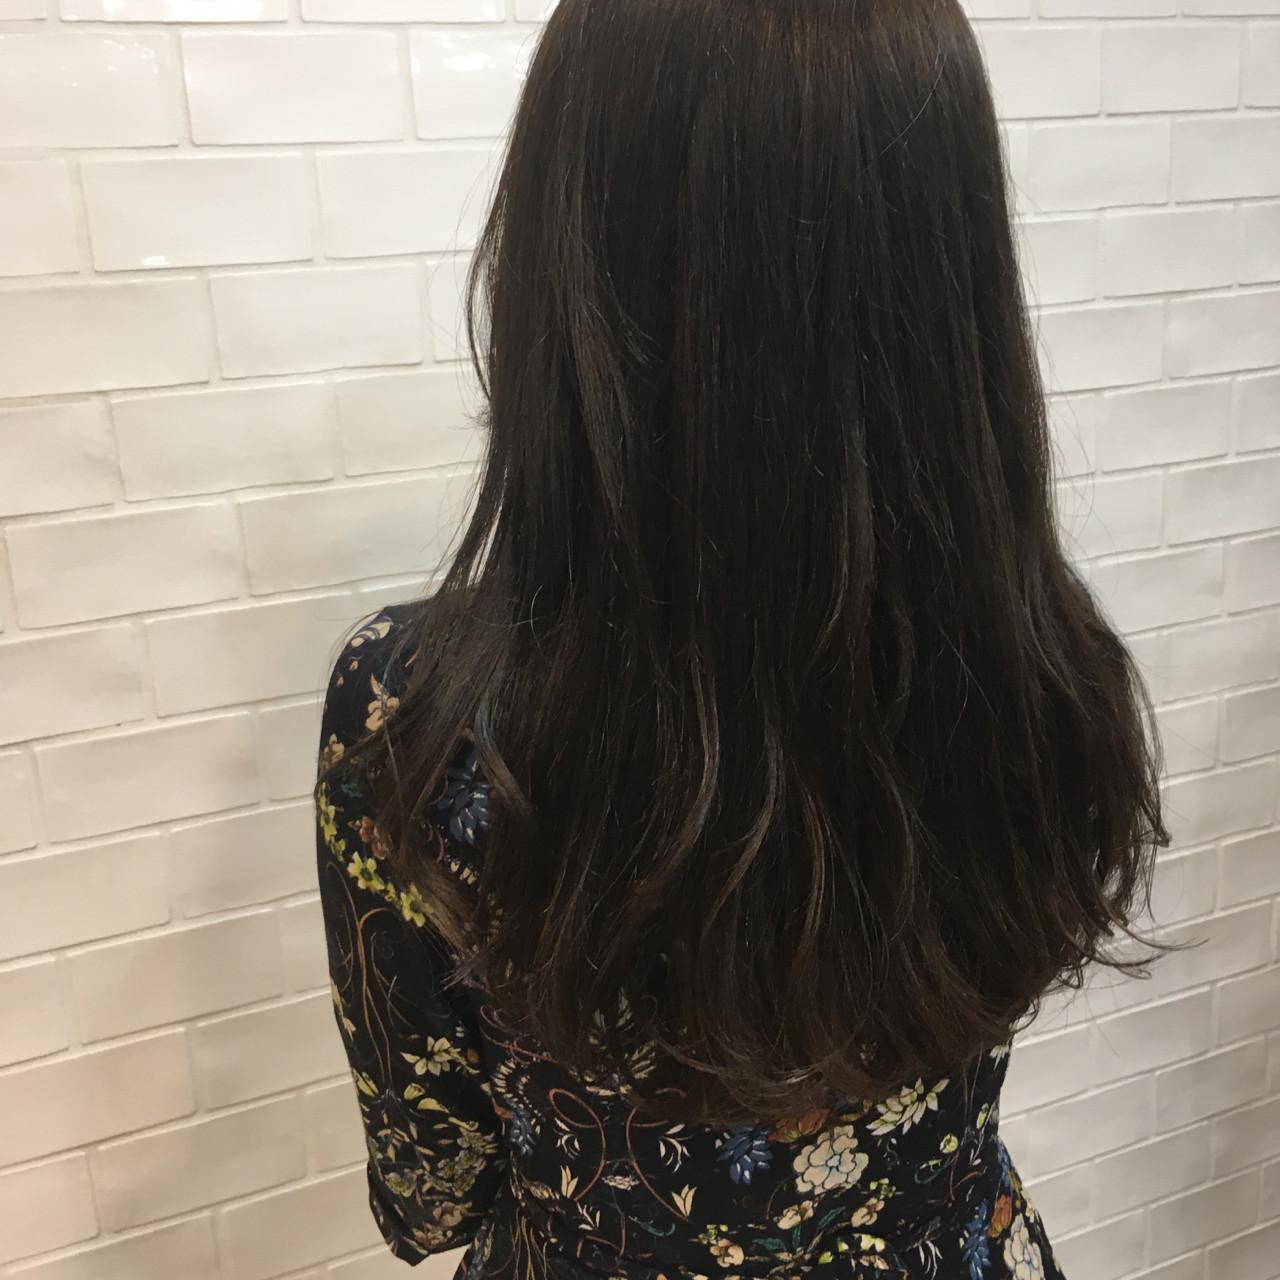 ガーリー マット ワンカール ロング ヘアスタイルや髪型の写真・画像